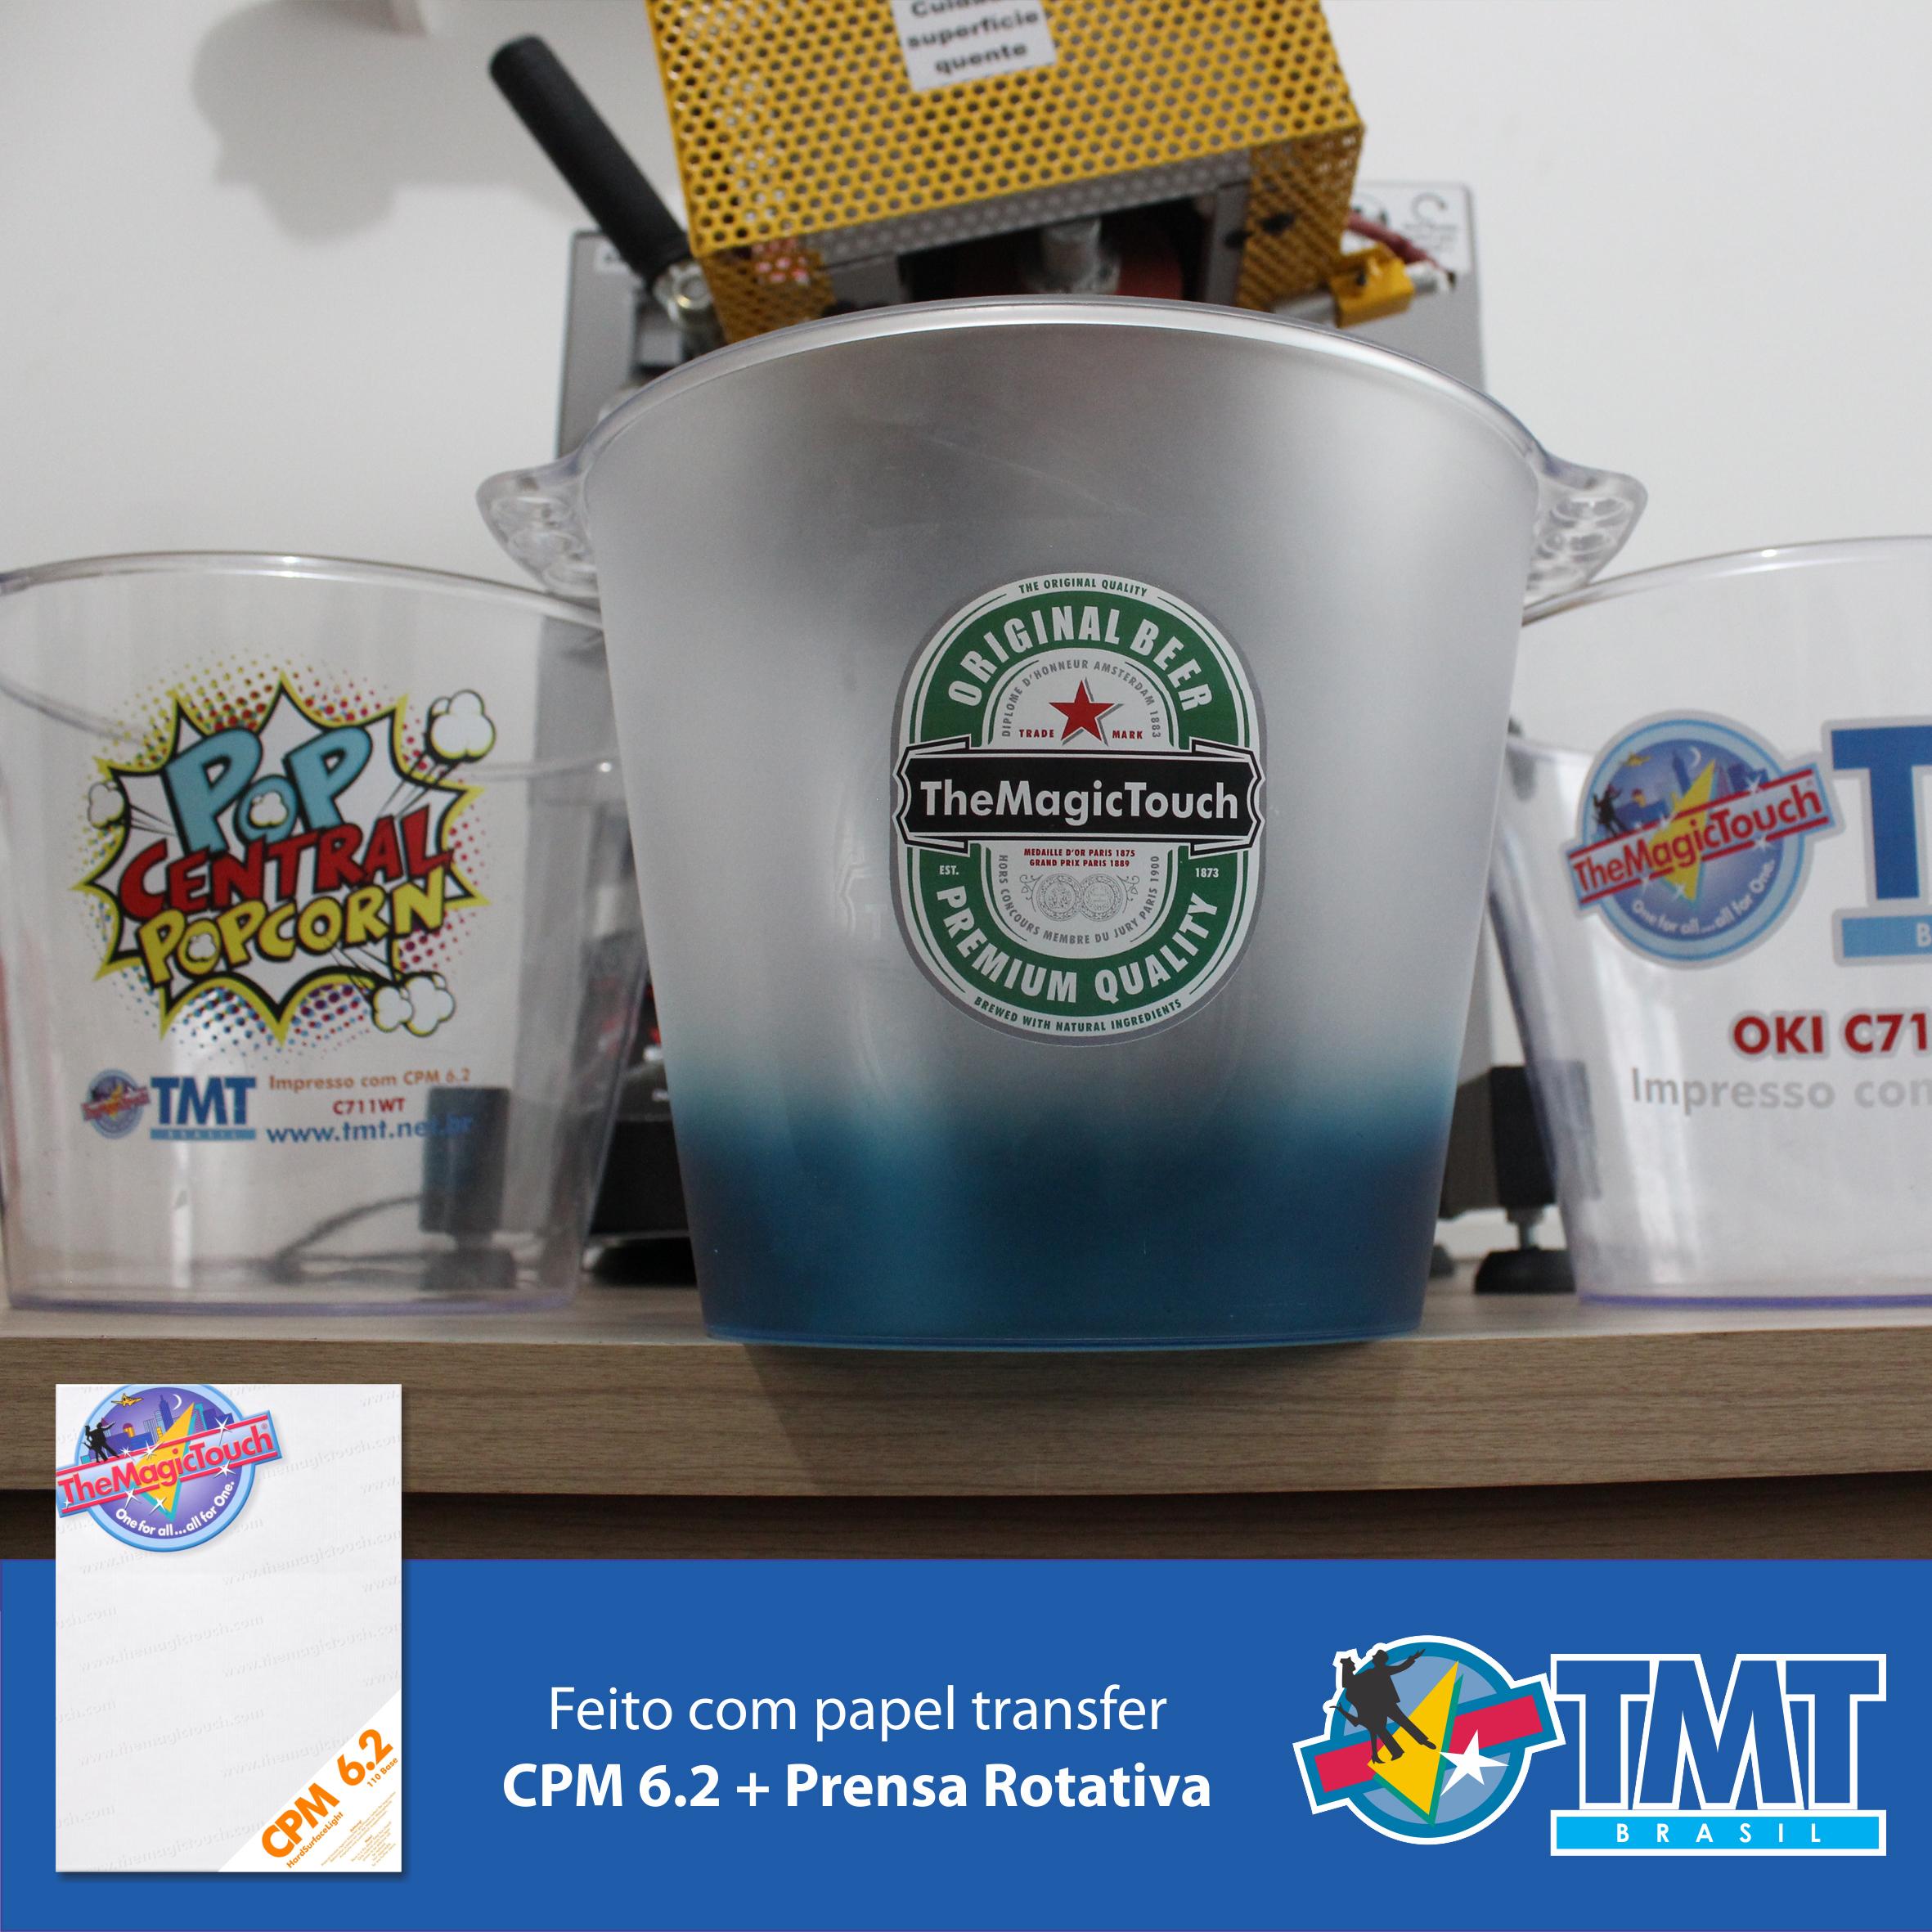 Copos Canecas baldes Squezes de Plastico + Toner branco + CPM 6.2